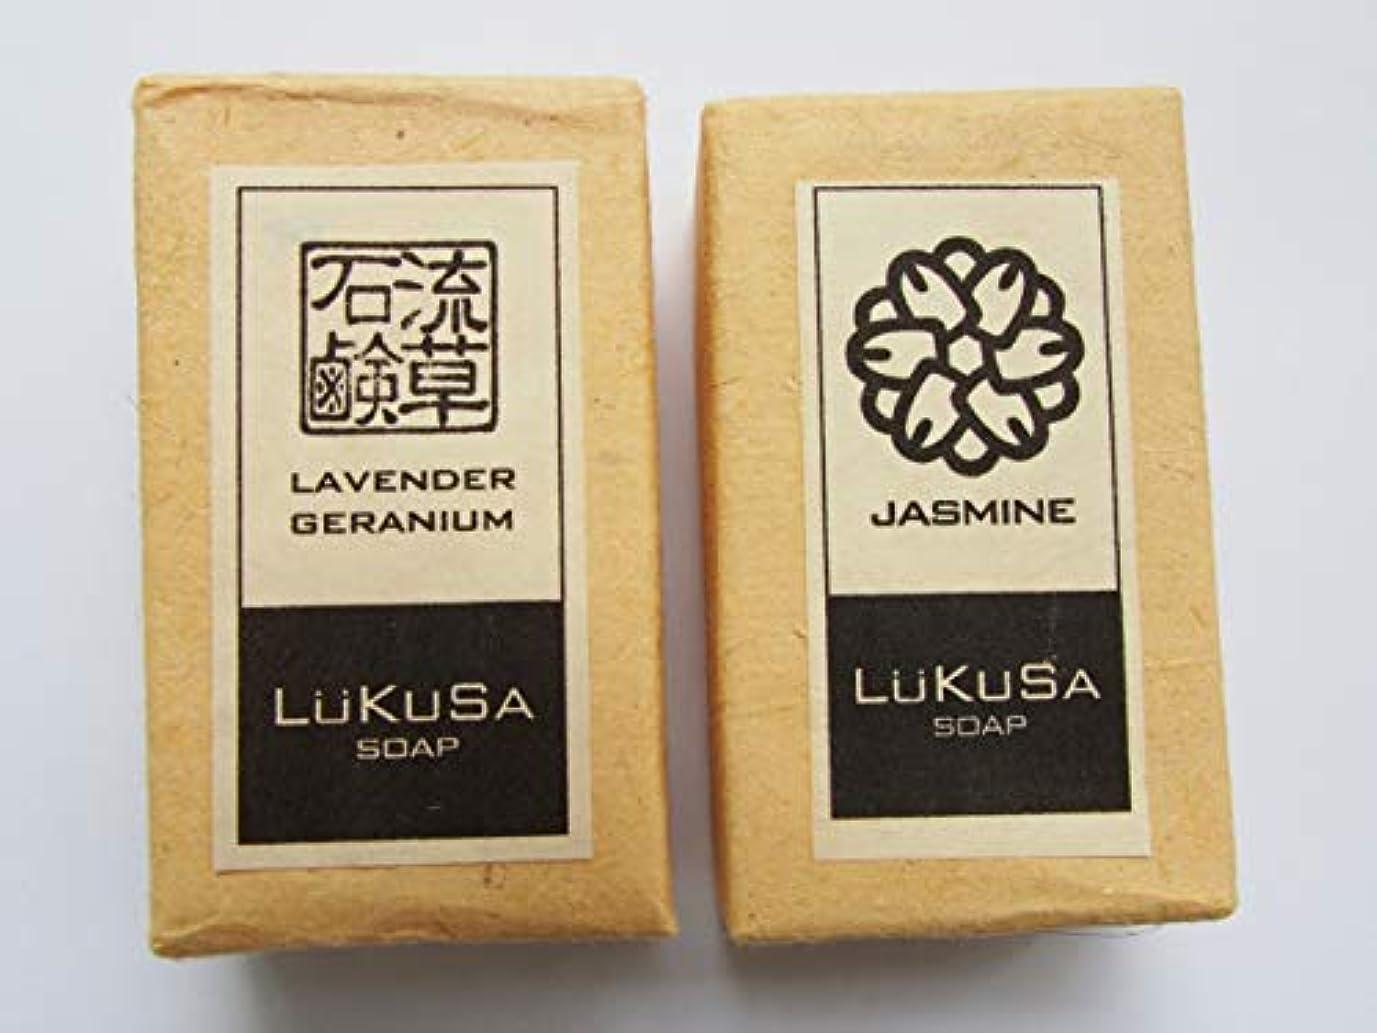 剥離外交流体【サマーセール】LUKUSAジャスミン石鹸 +ラベンダー石鹸セット